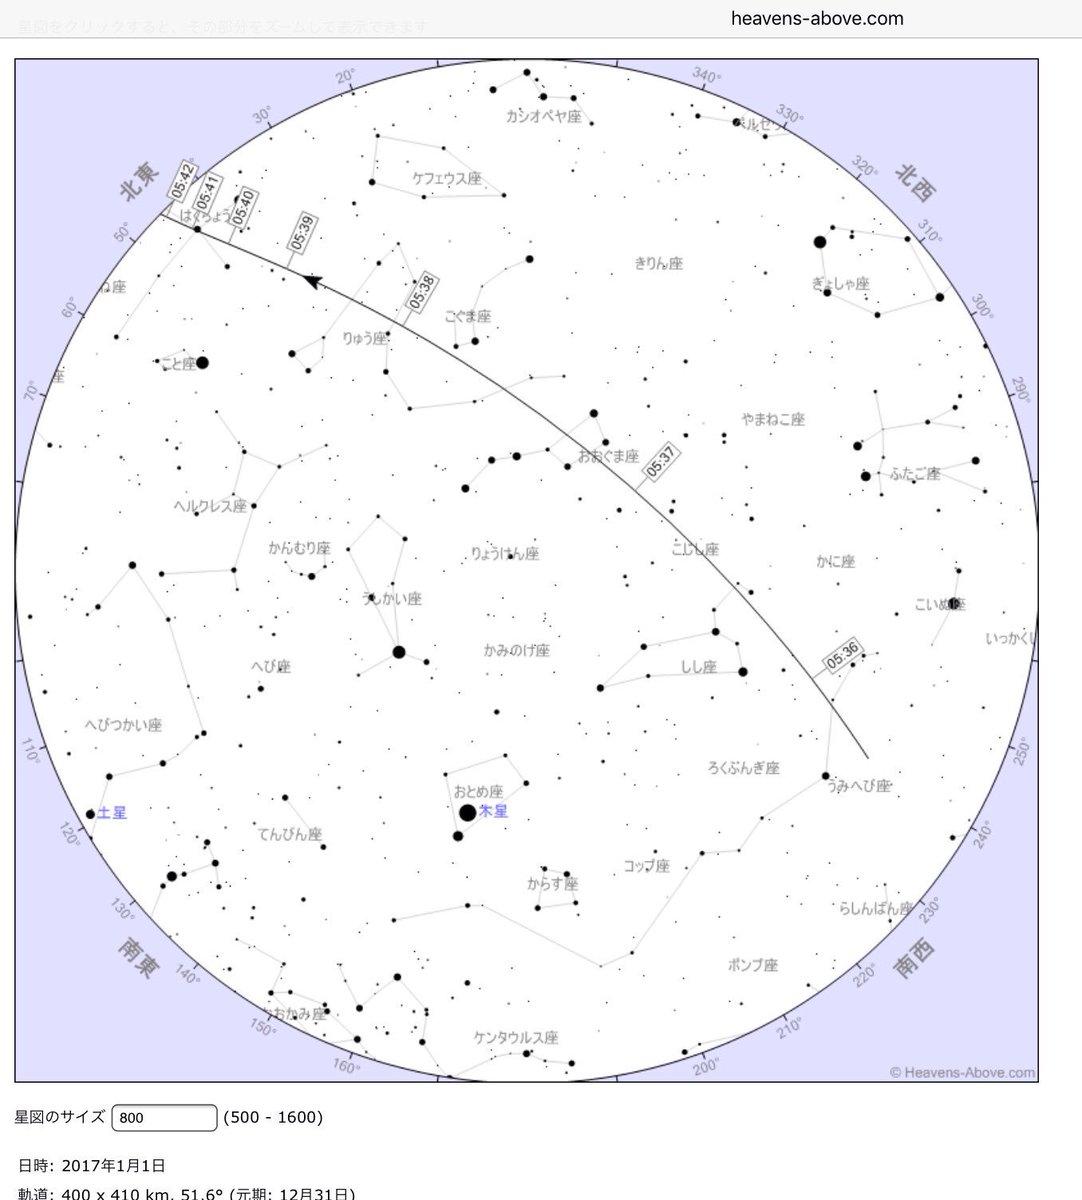 元旦の朝。日の出前の5:35~5:42にかけて、ISS(国際宇宙ステーション)+こうのとりが頭上を通過して行きます。初詣の際に見上げてみて下さい。きぼうも付いてますよw 図はHeavens-aboveより https://t.co/89JWIwBtR9